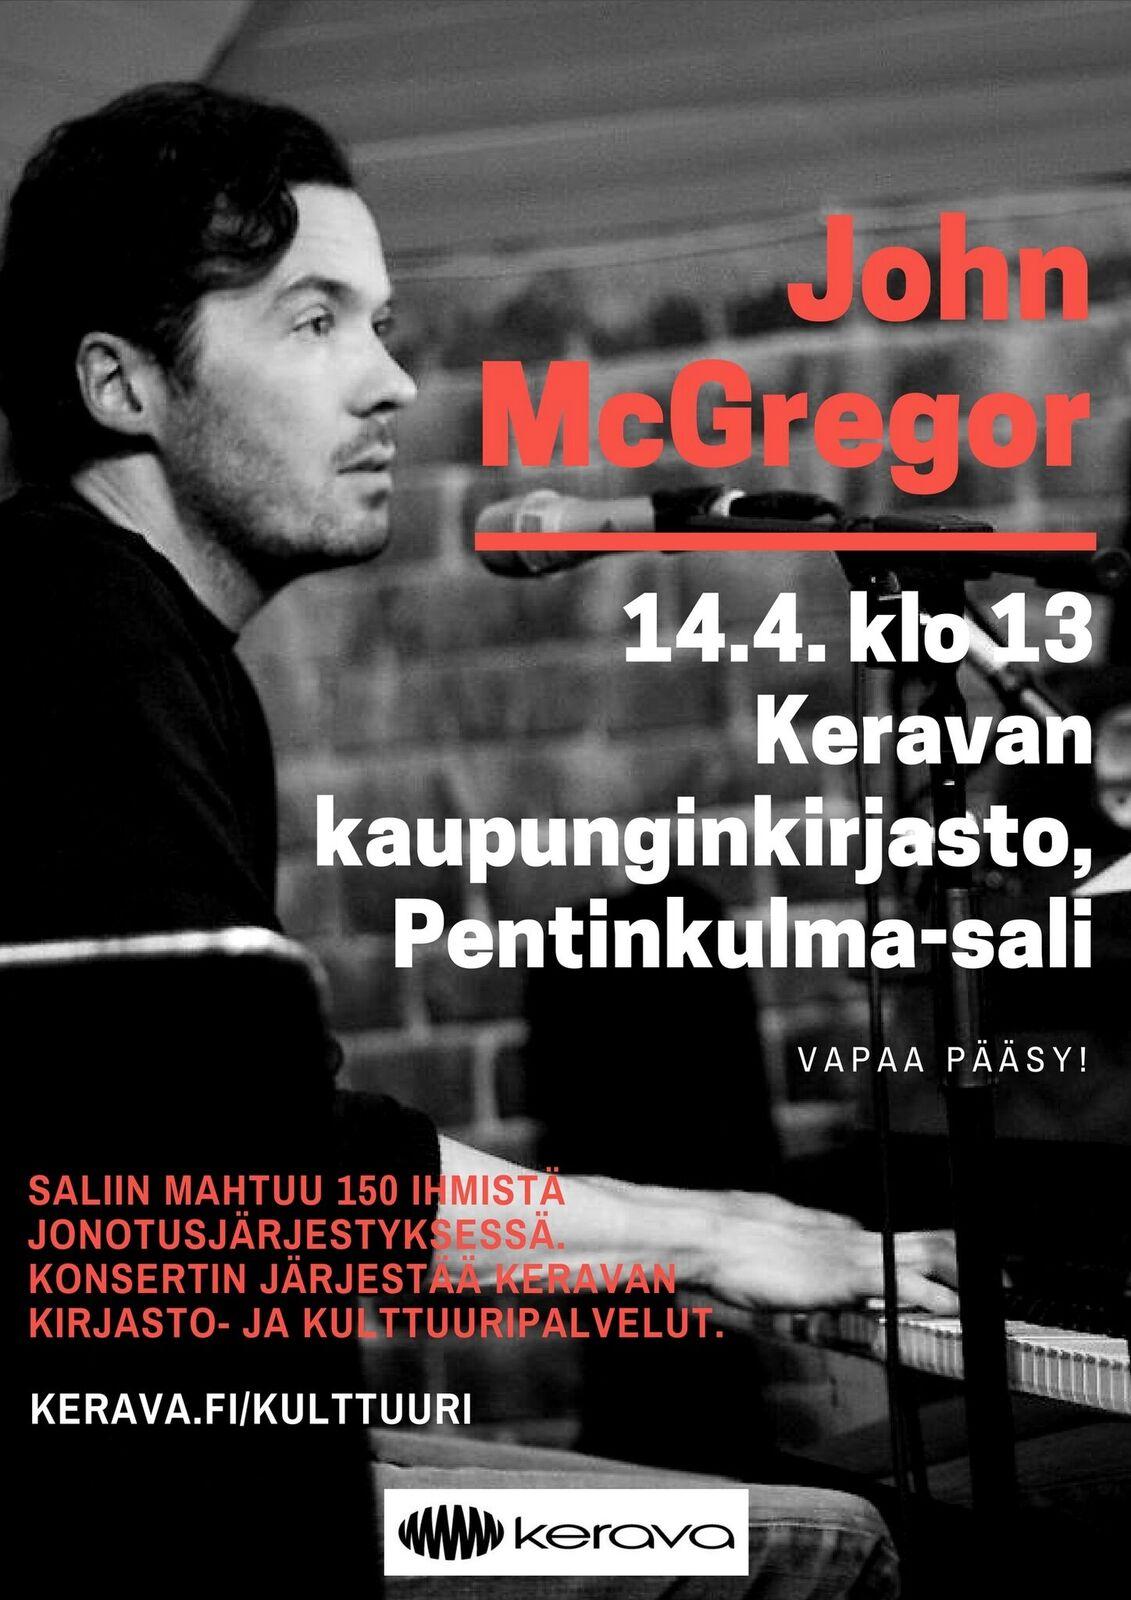 Laulaja-lauluntekijä John McGregor vierailee Keravan kirjaston Pentinkulma-salissa 14.4.2018.